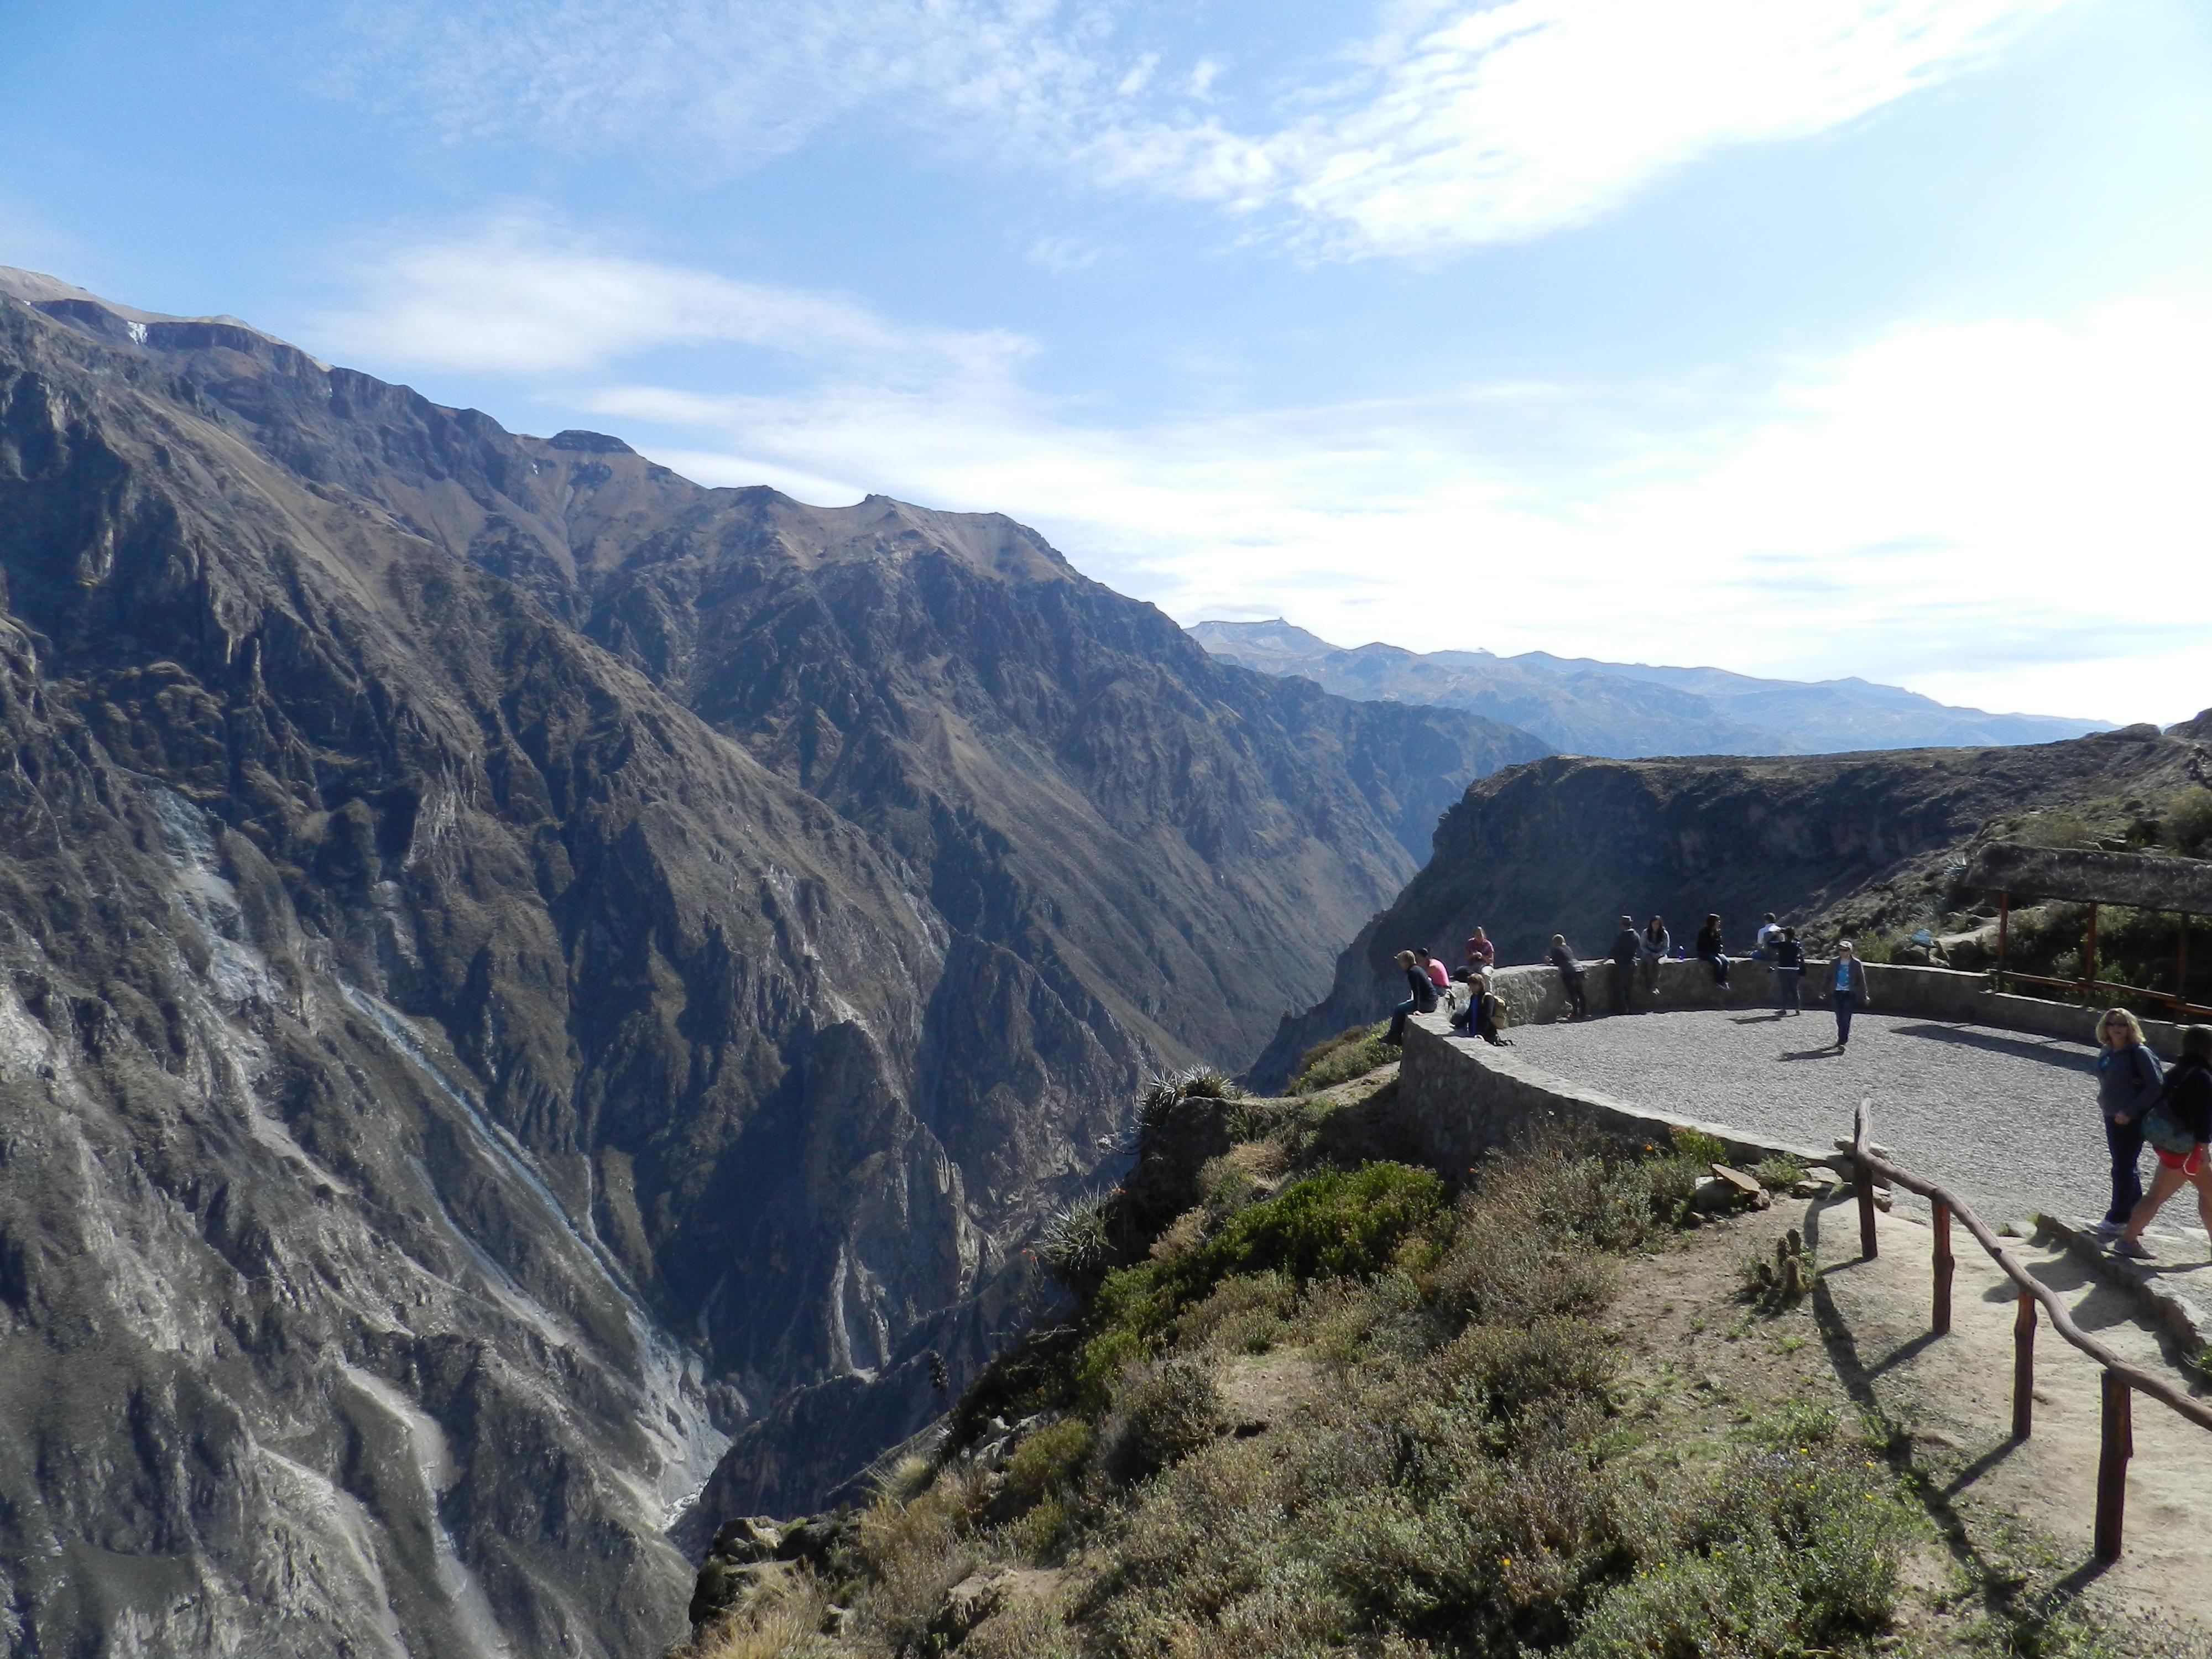 Cañon del Colca - Arequipa